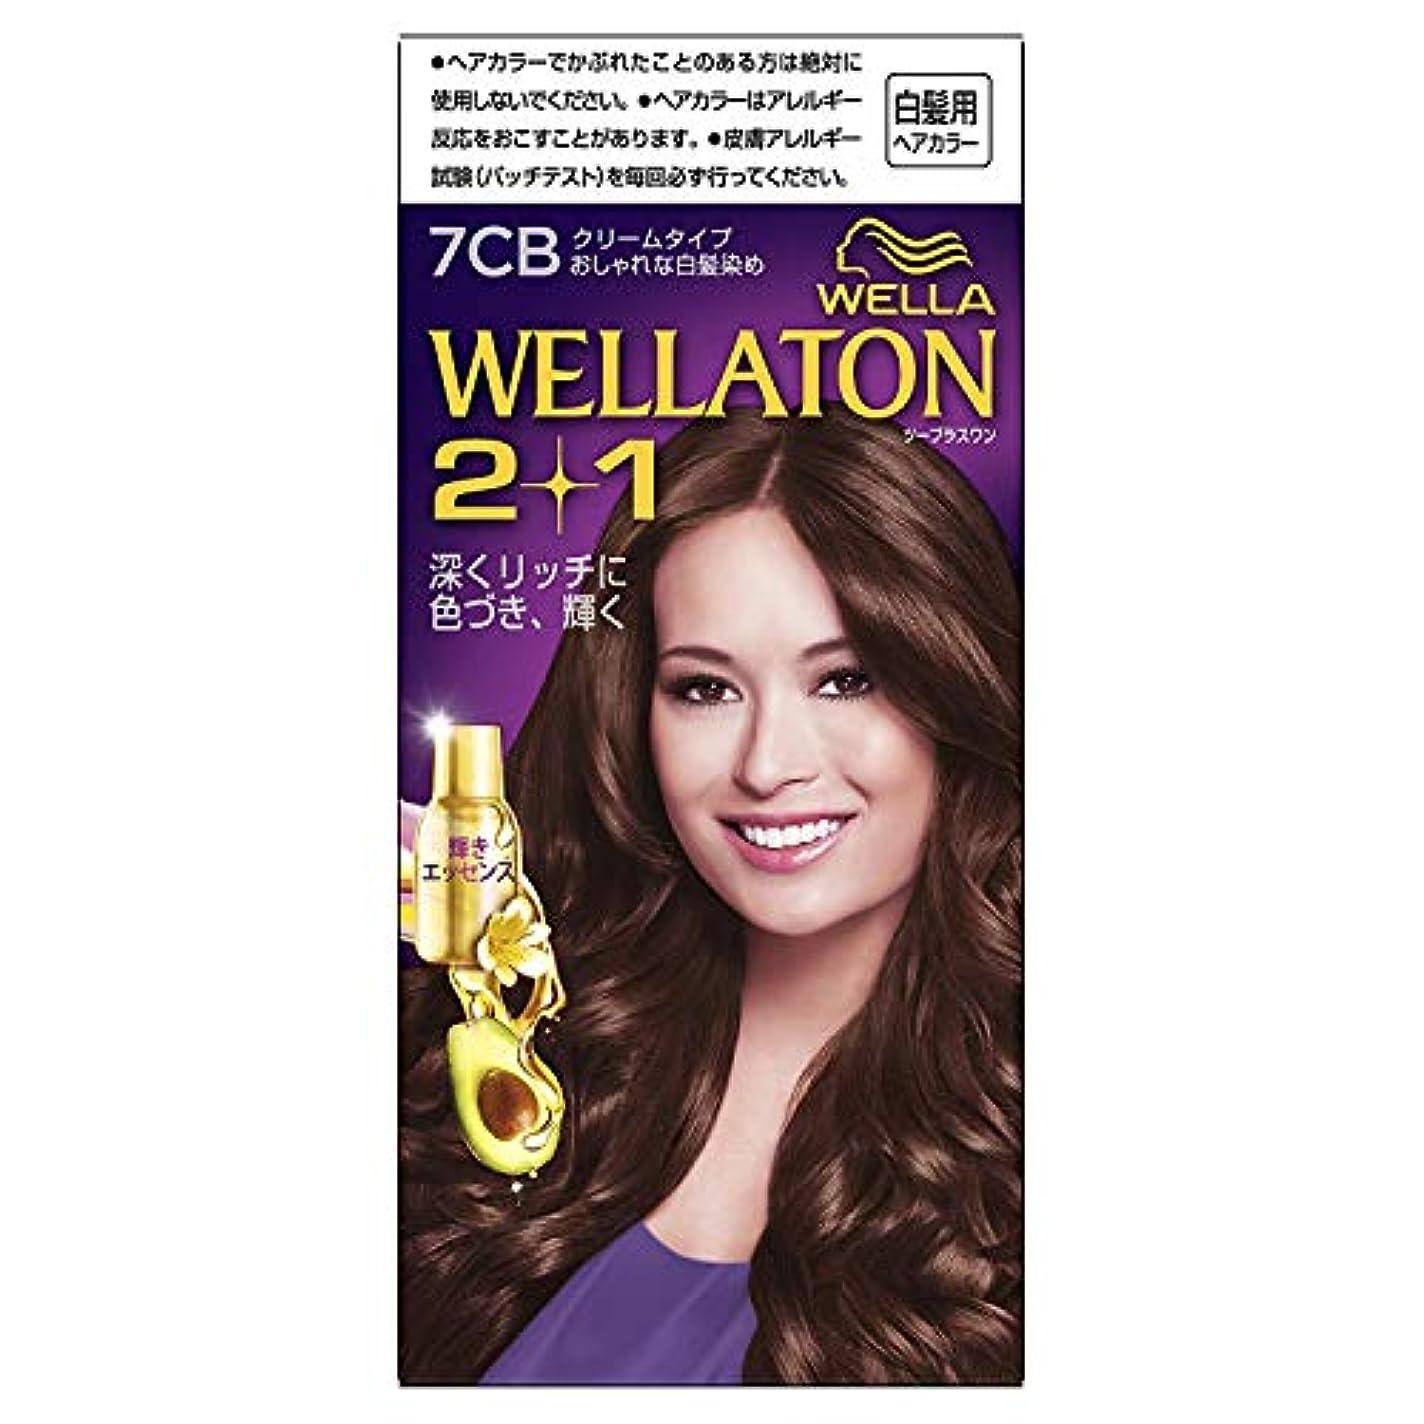 用心エレベーターリーフレットウエラトーン2+1 白髪染め クリームタイプ 7CB [医薬部外品]×3個